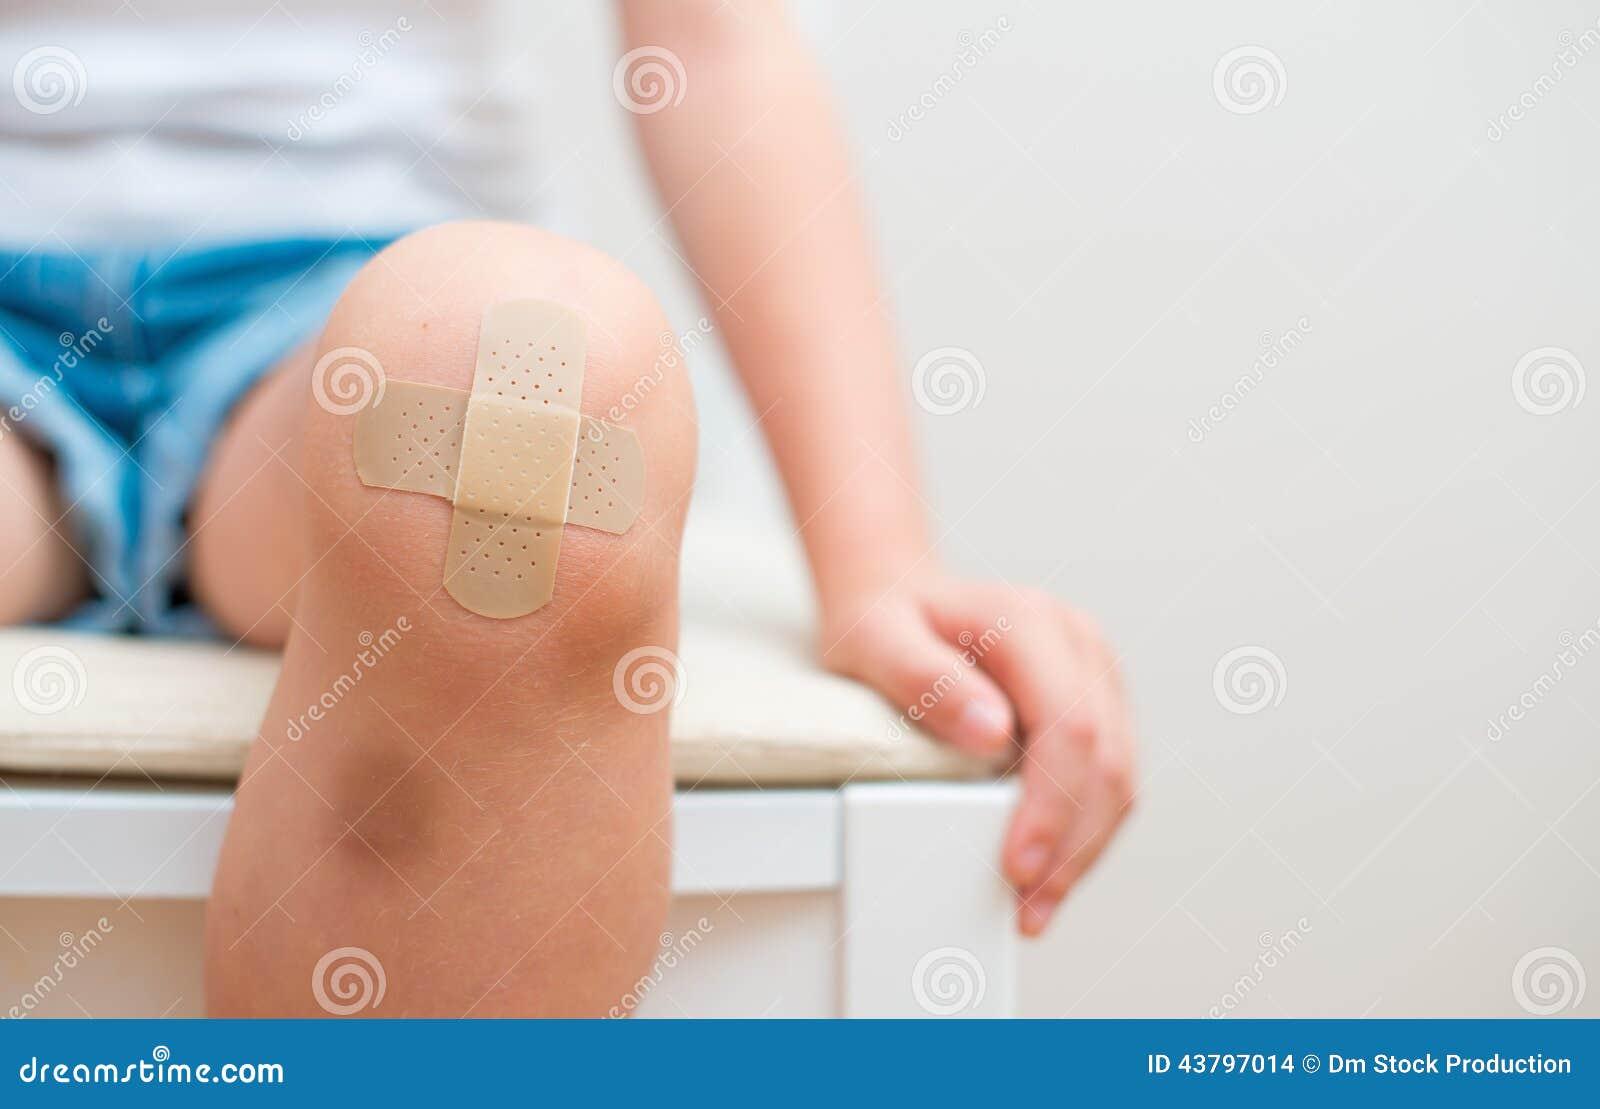 Child knee with adhesive bandage.